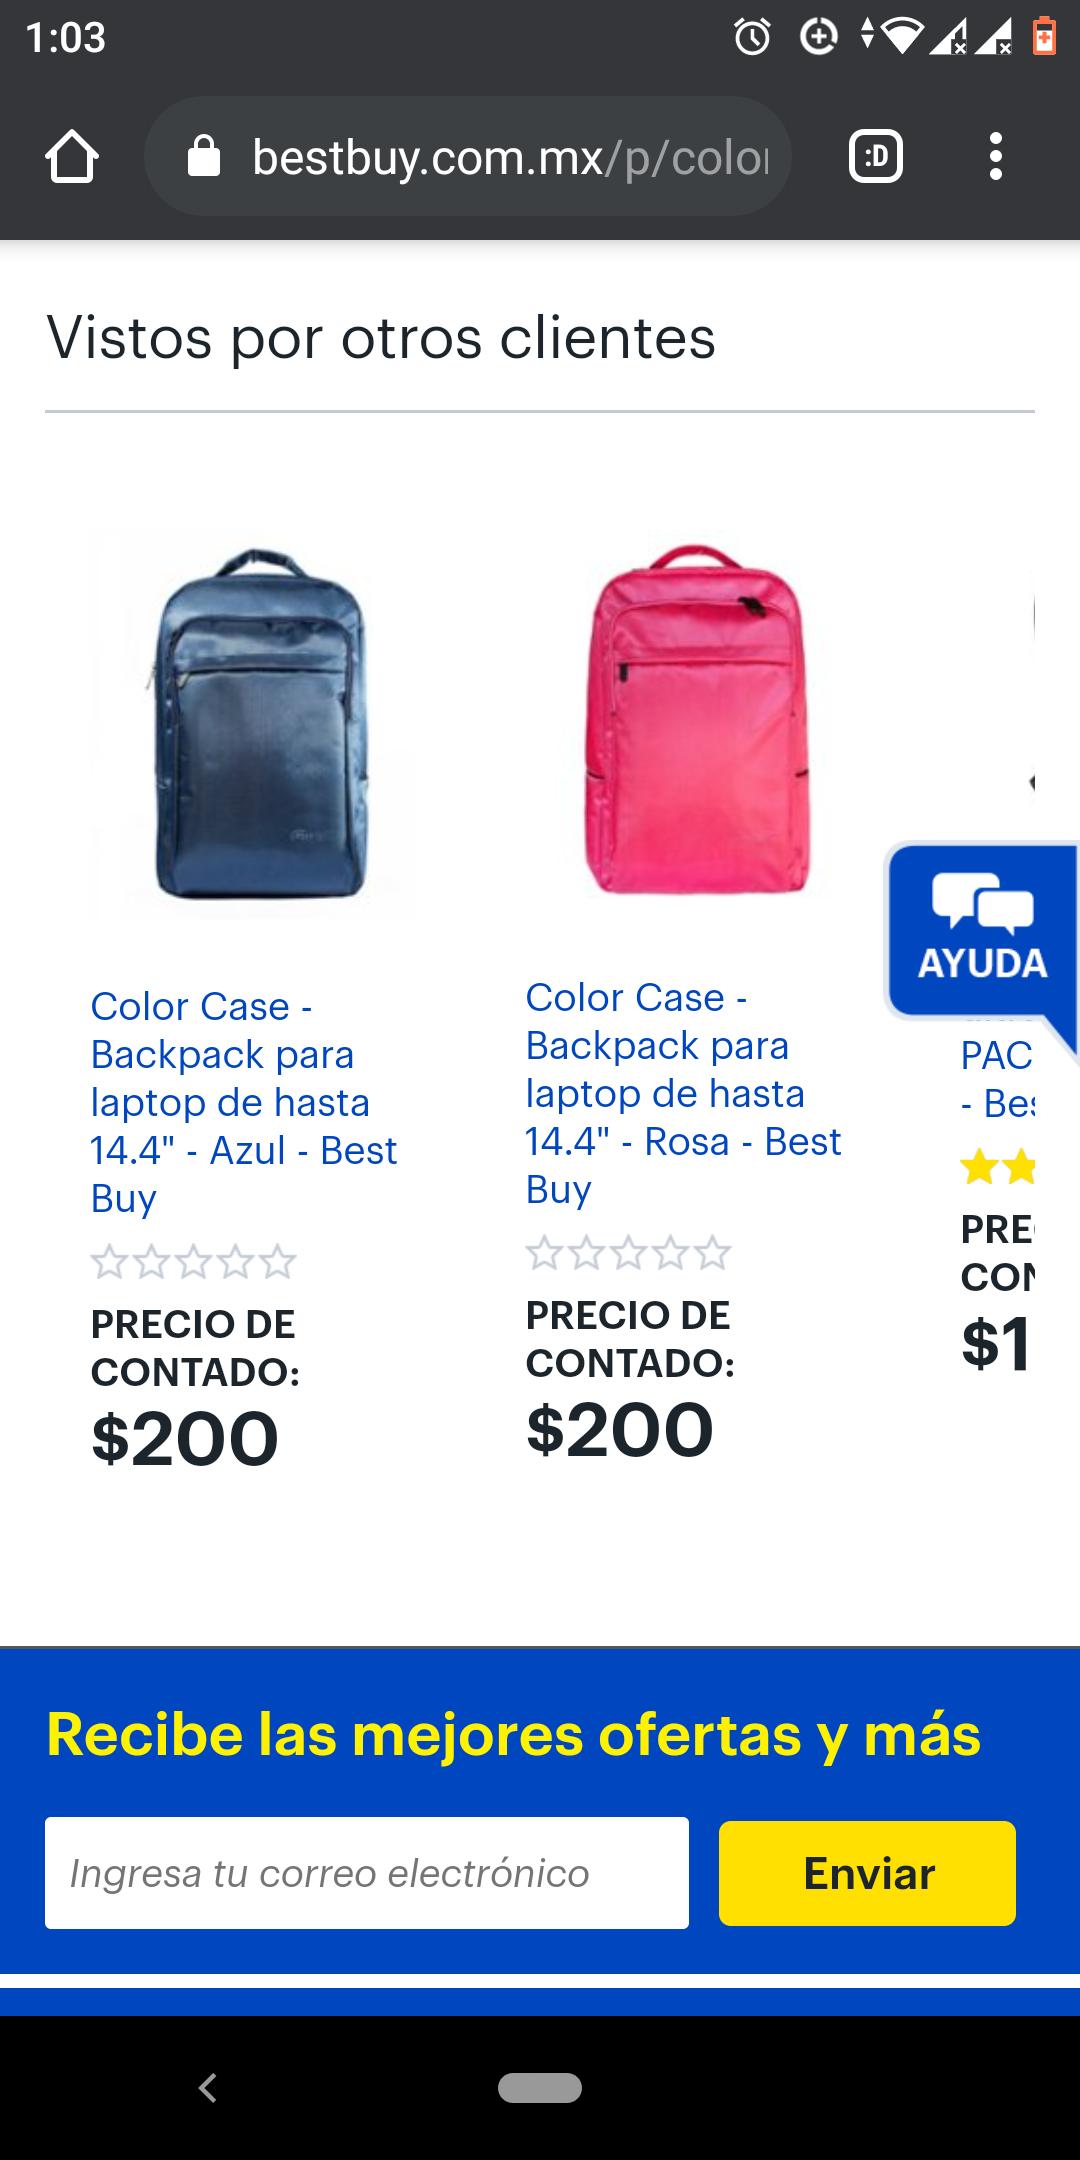 """Best Buy: Color Case - Backpack para laptop de hasta 14.4"""" - Azul - Best Buy"""